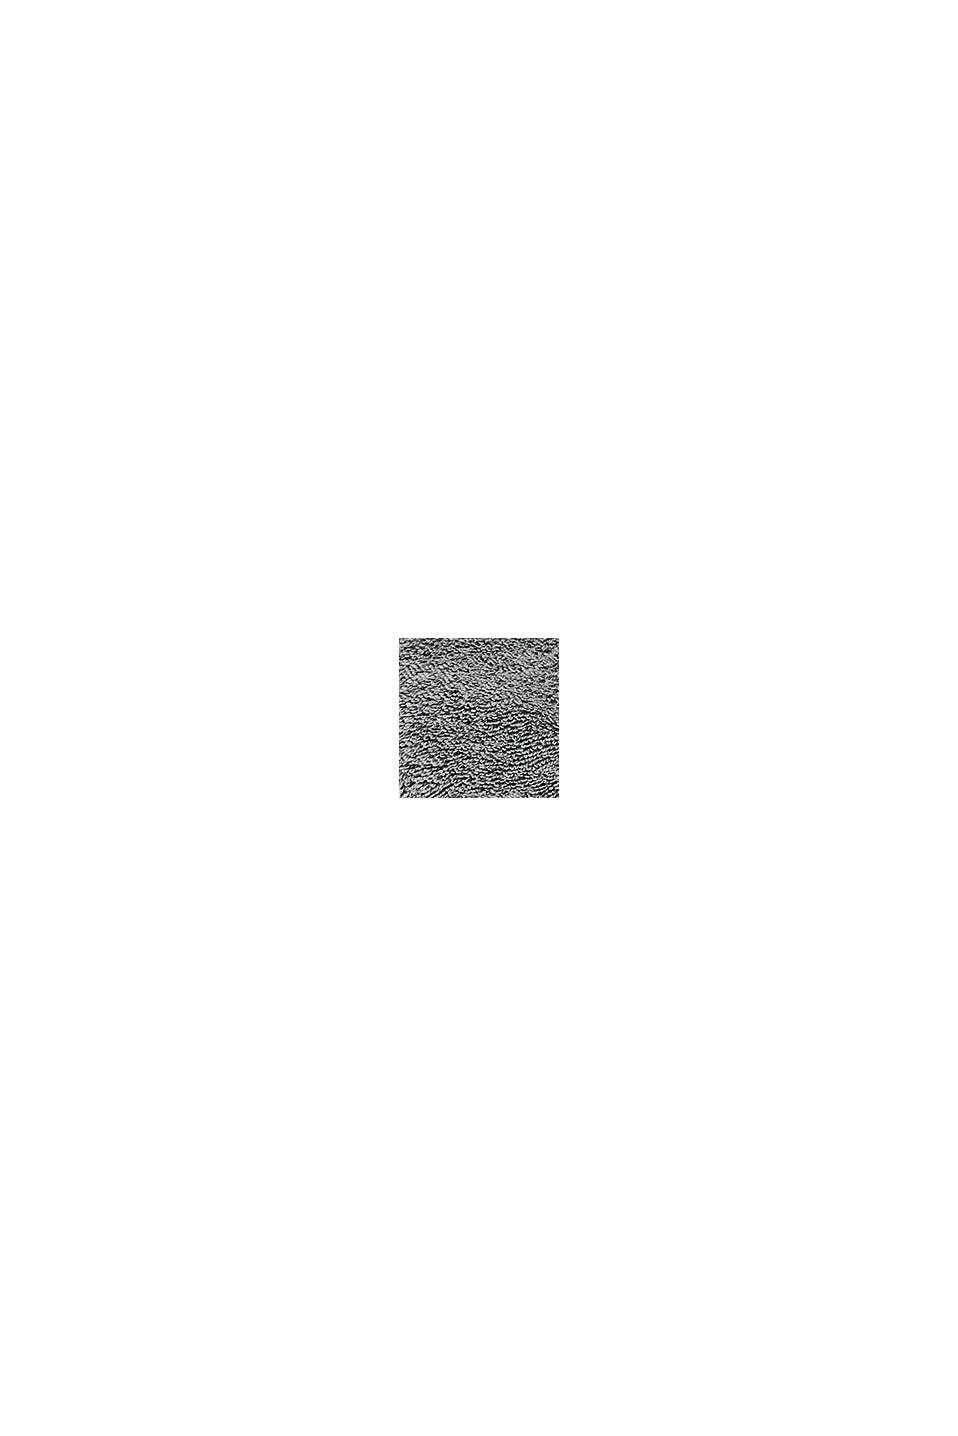 Handtuch mit Sternen-Bordüre, 100% Baumwolle, ANTHRACITE, swatch